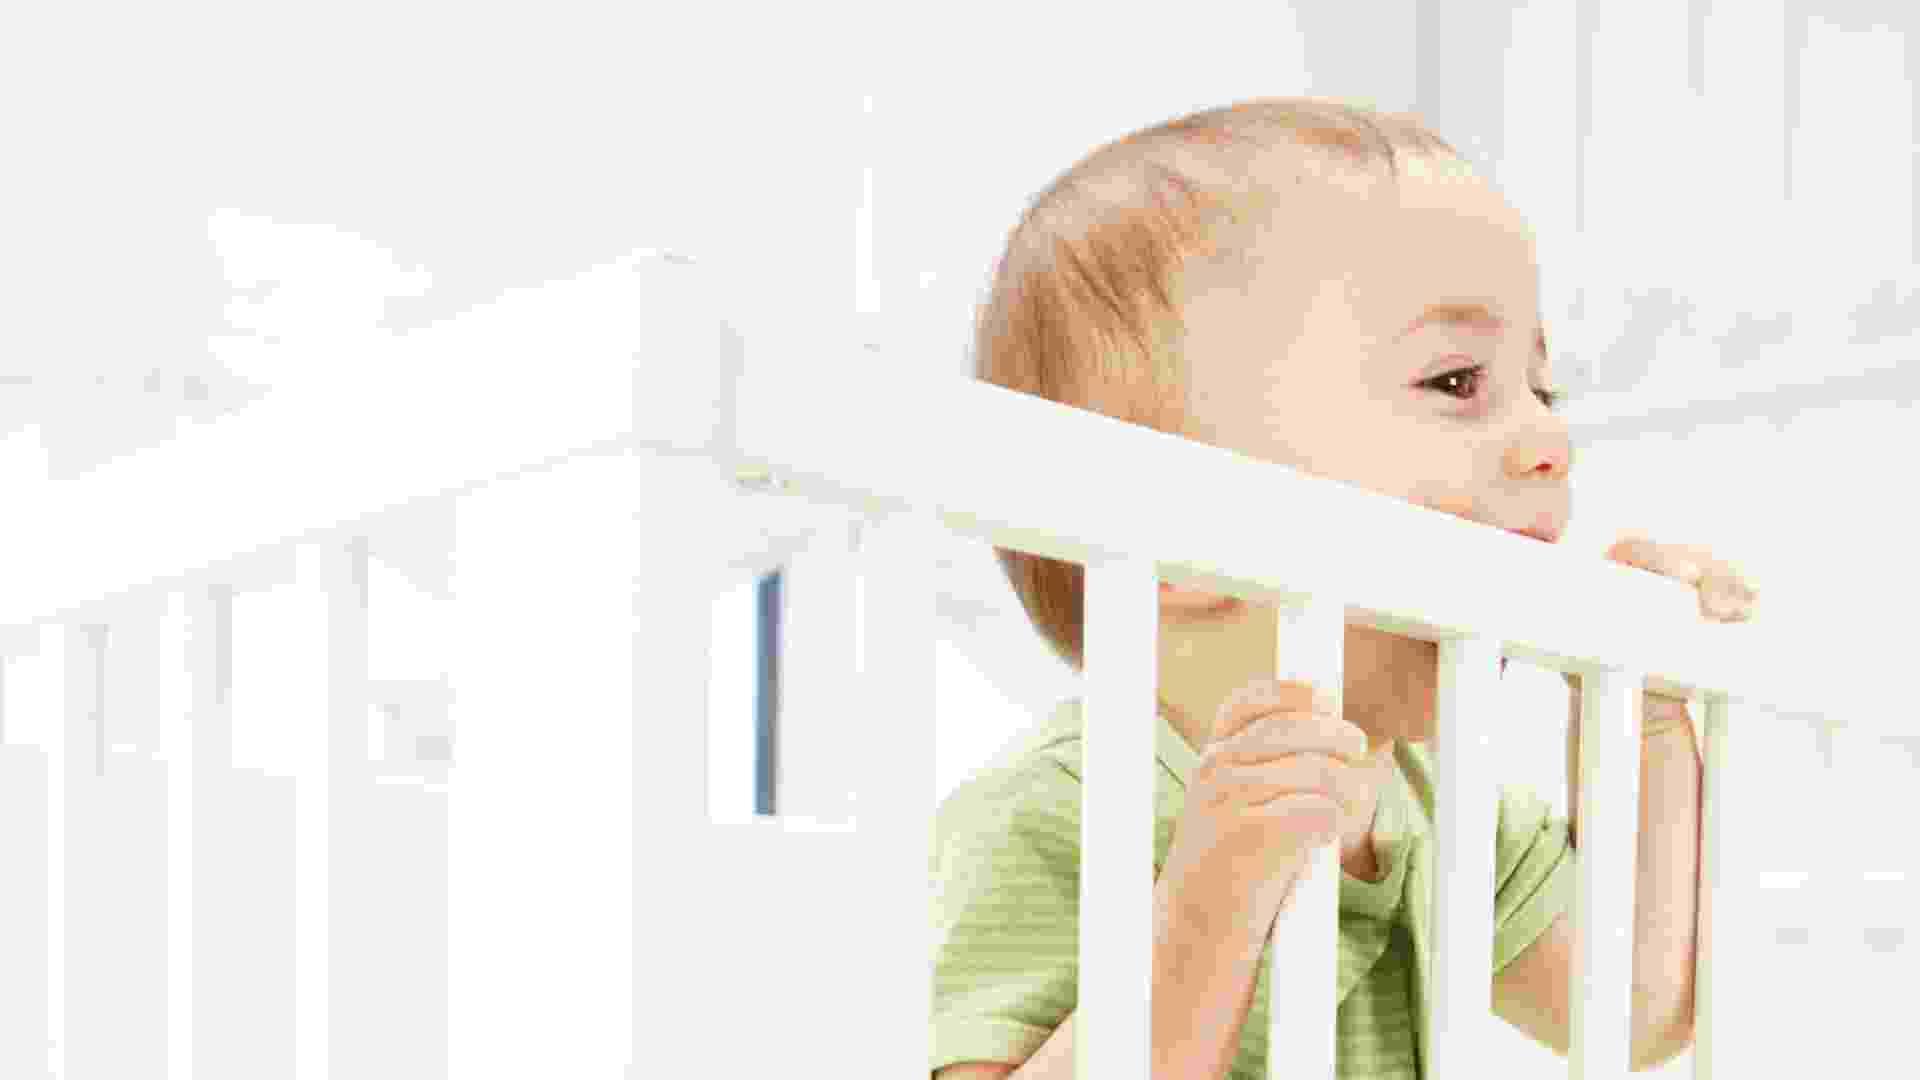 berços, bebê, criança, filhos - Thinkstock